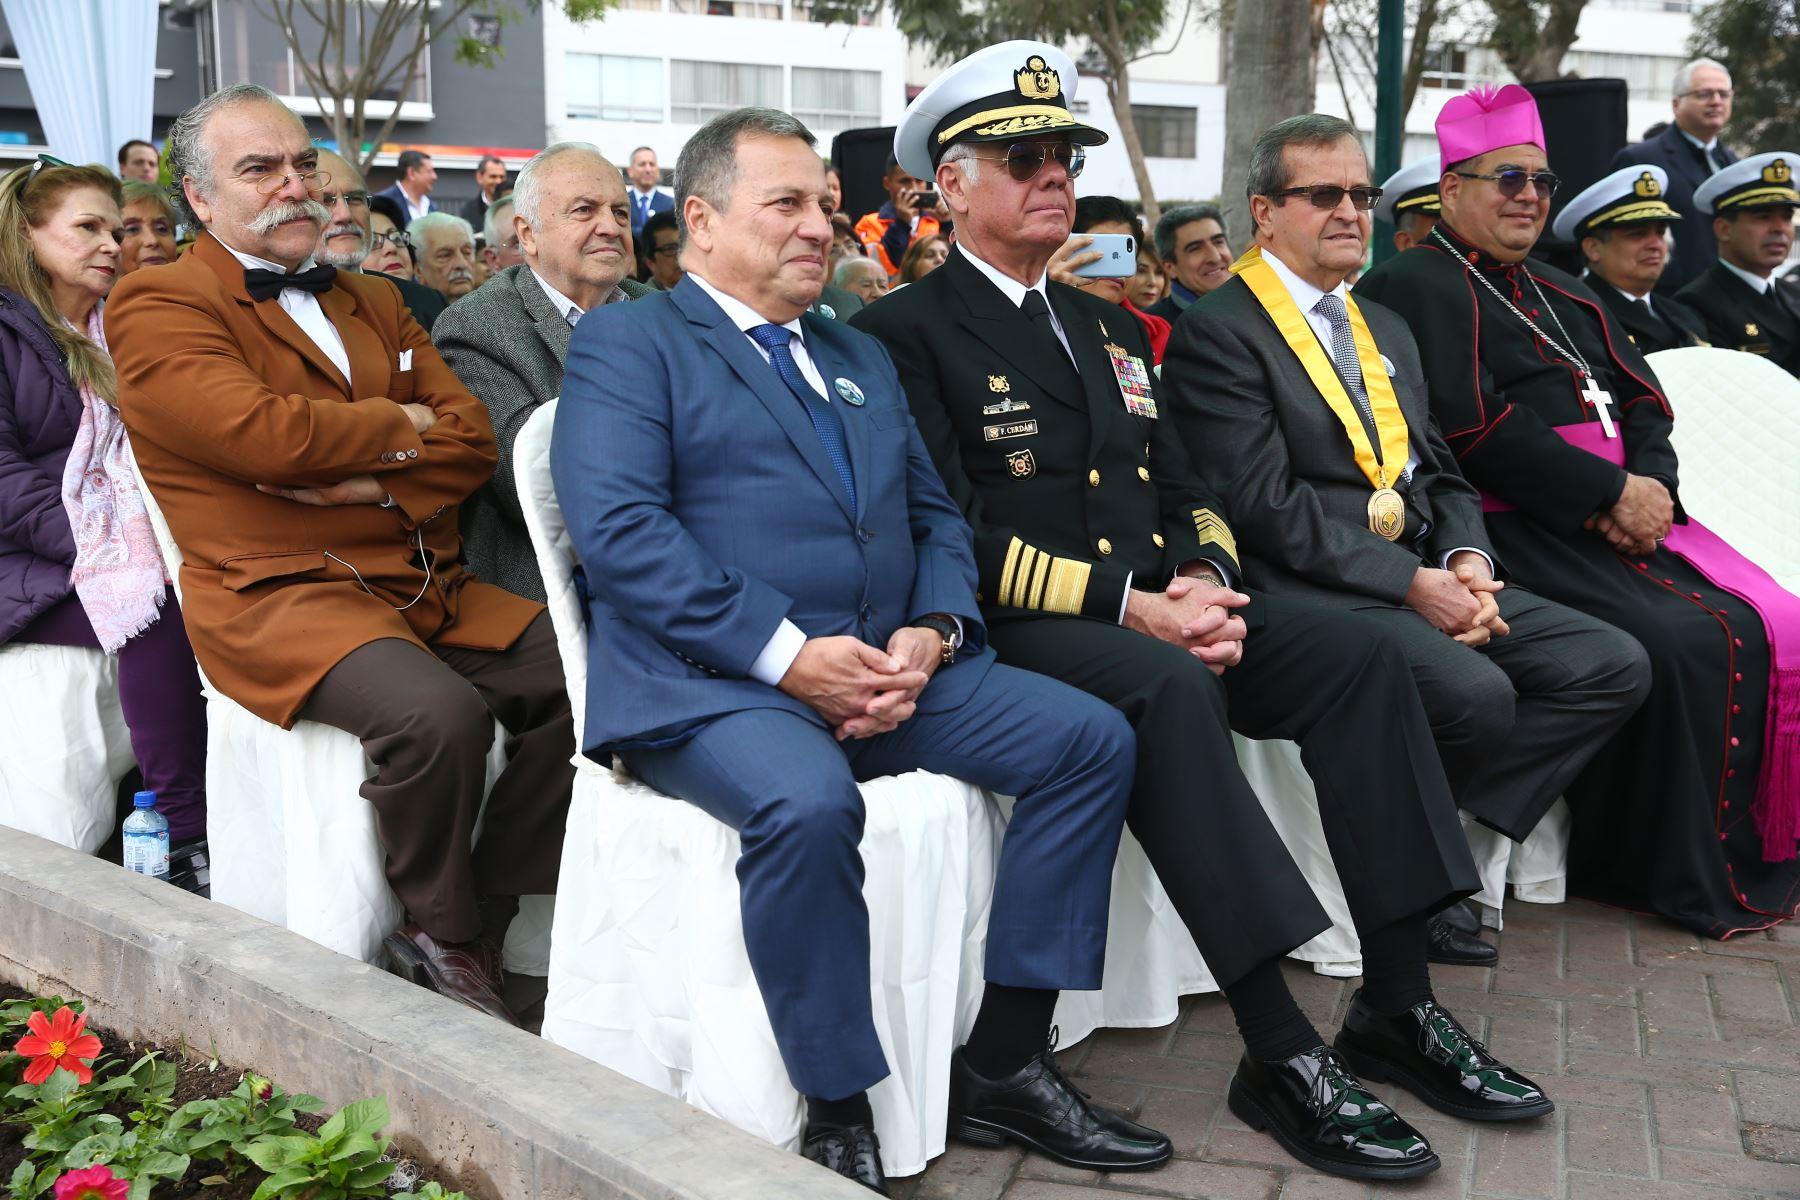 El Alcalde Miraflores, Luis Molina, Comandante General de la Marina, Almirante Fernando Cerdàn, en  ceremonia de  homenaje por el centenario del fallecimiento de Ricardo Palma. Foto: ANDINA/Melina Mejía